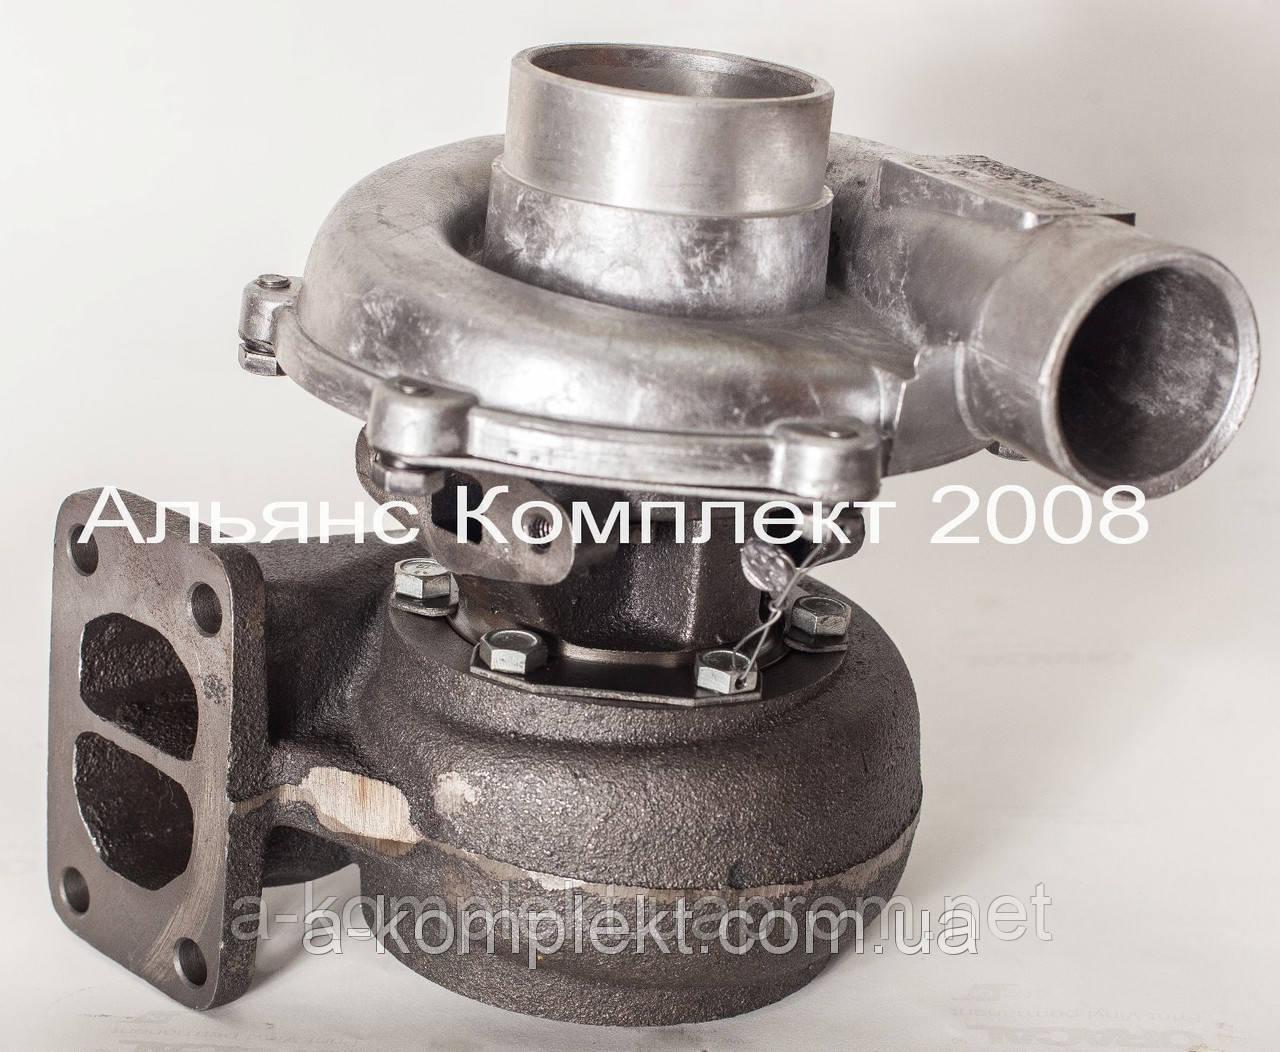 Турбокомпрессор ТКР 7 ТТ-01.2 (ТКР 7 ТТ 01.2А) (700-1118010-02)